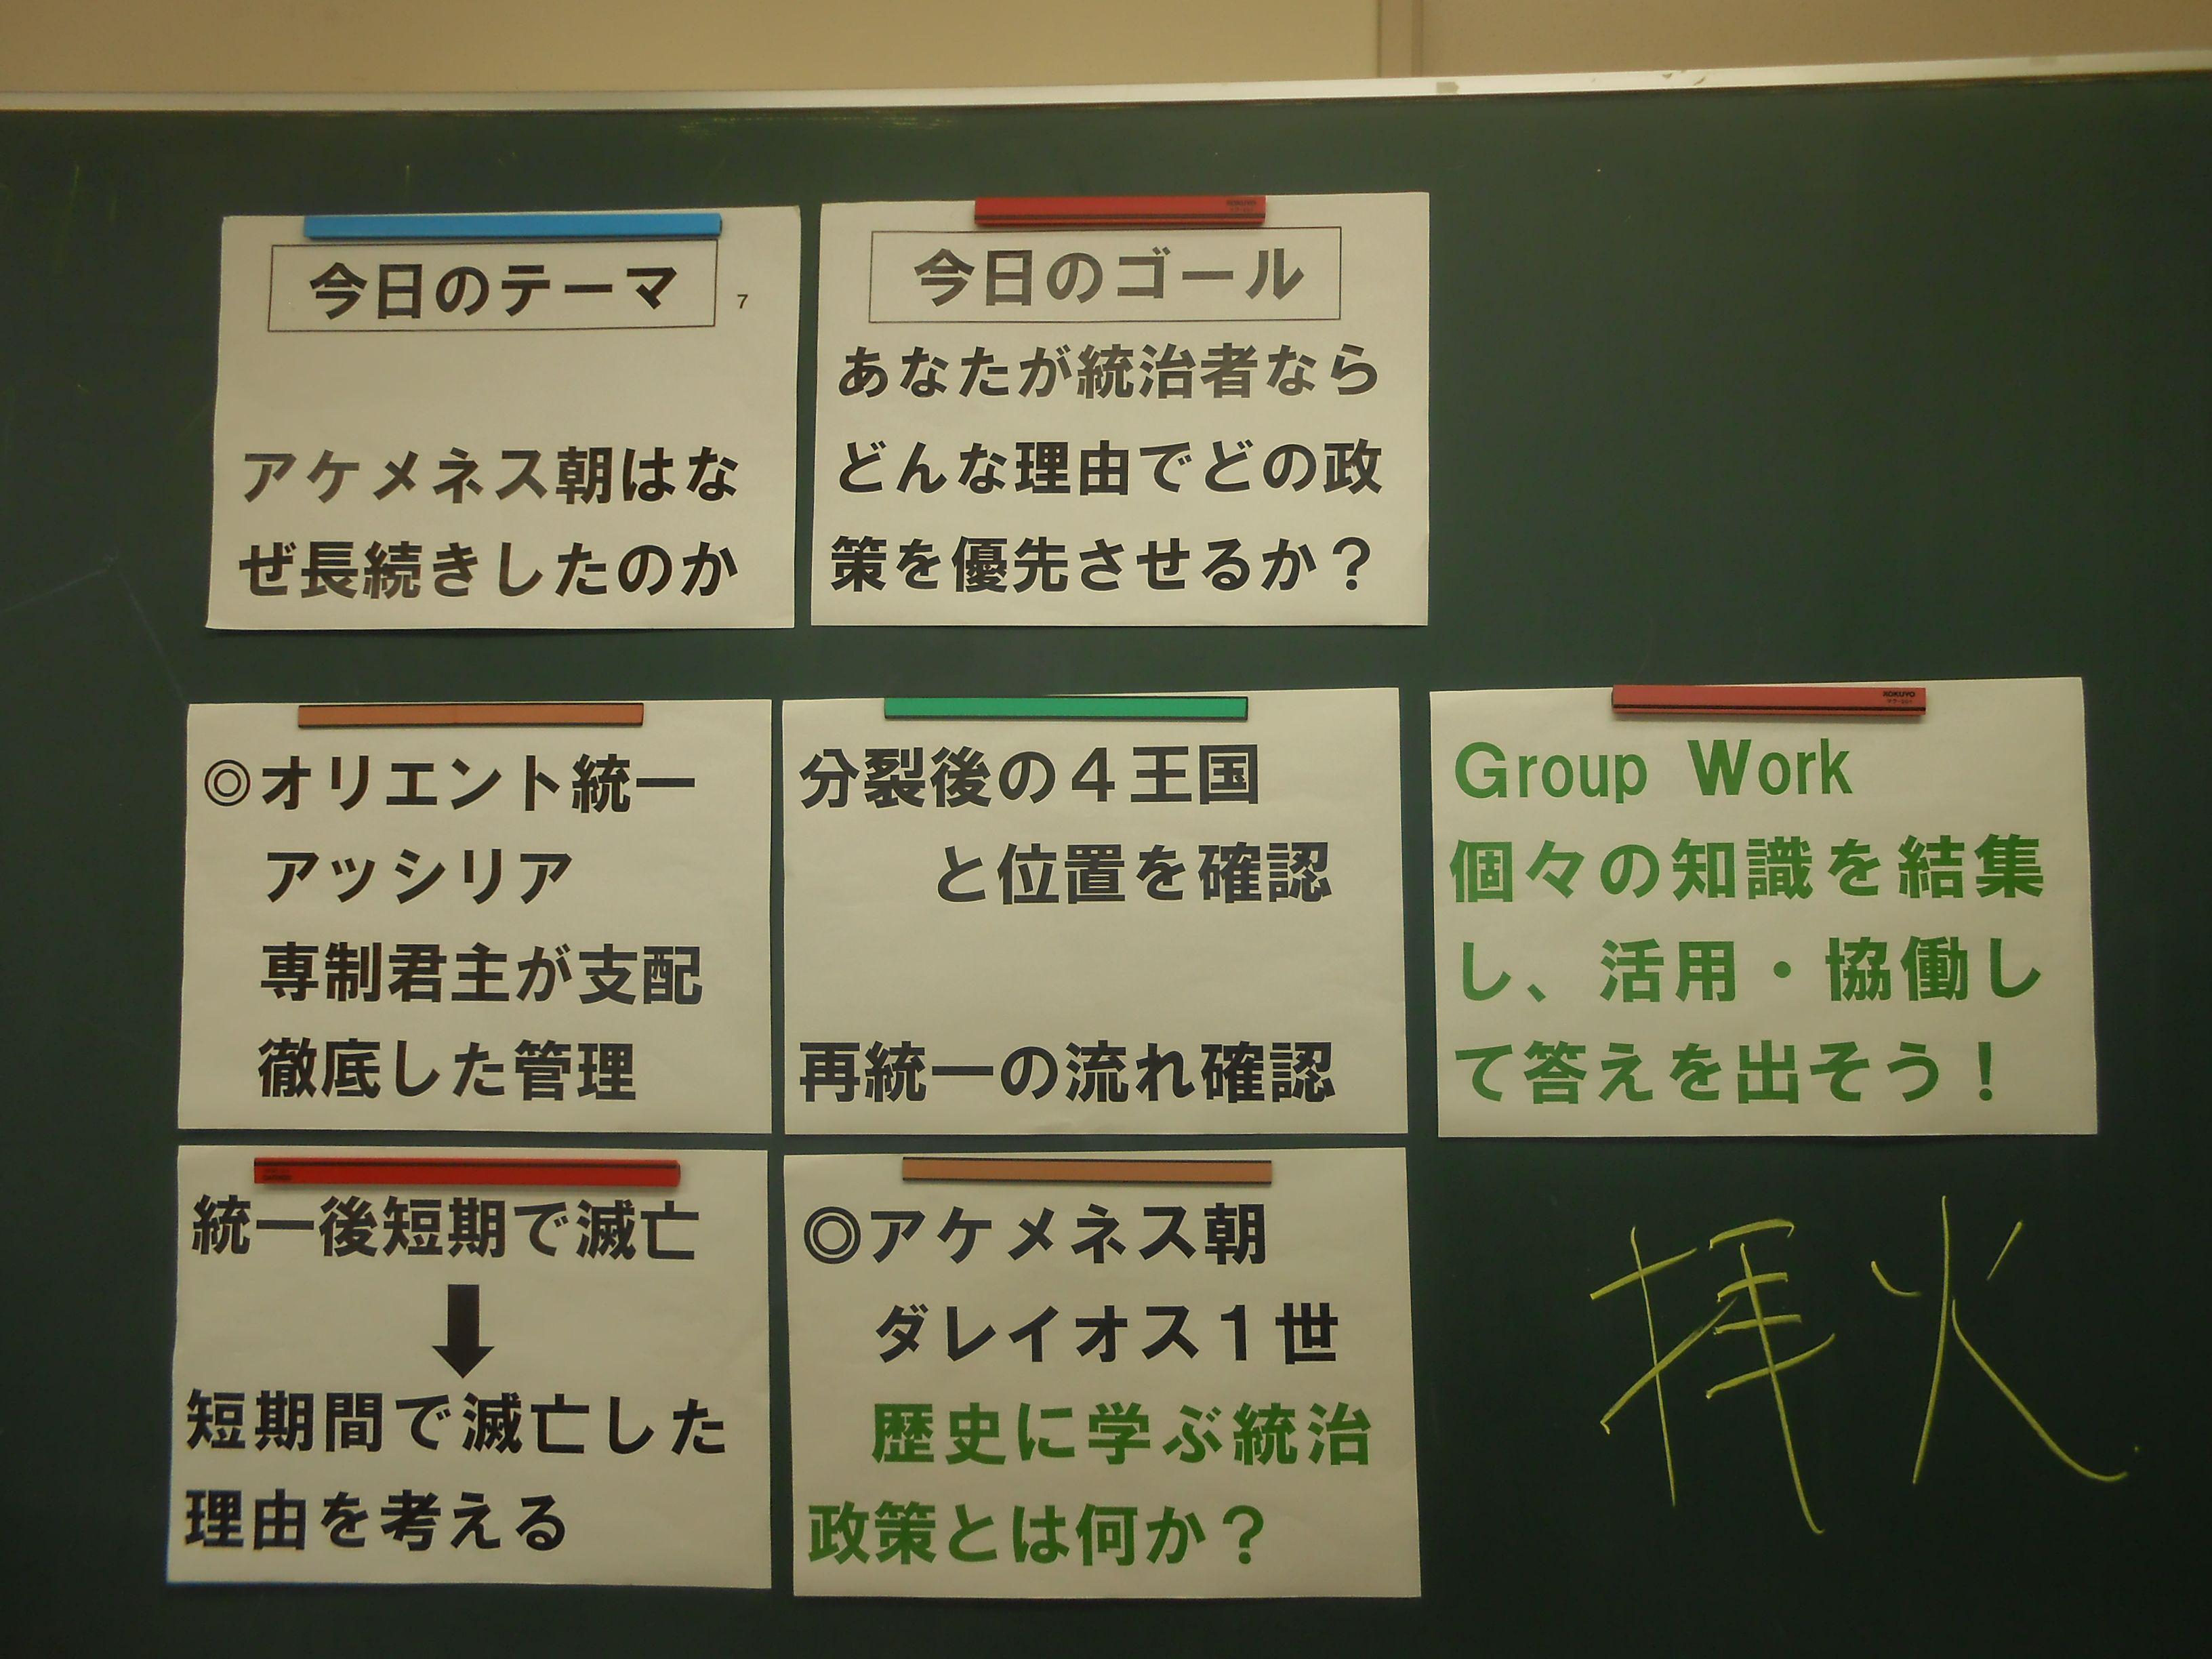 アッカド帝国の君主一覧 - List of kings of Akkad - JapaneseClass.jp